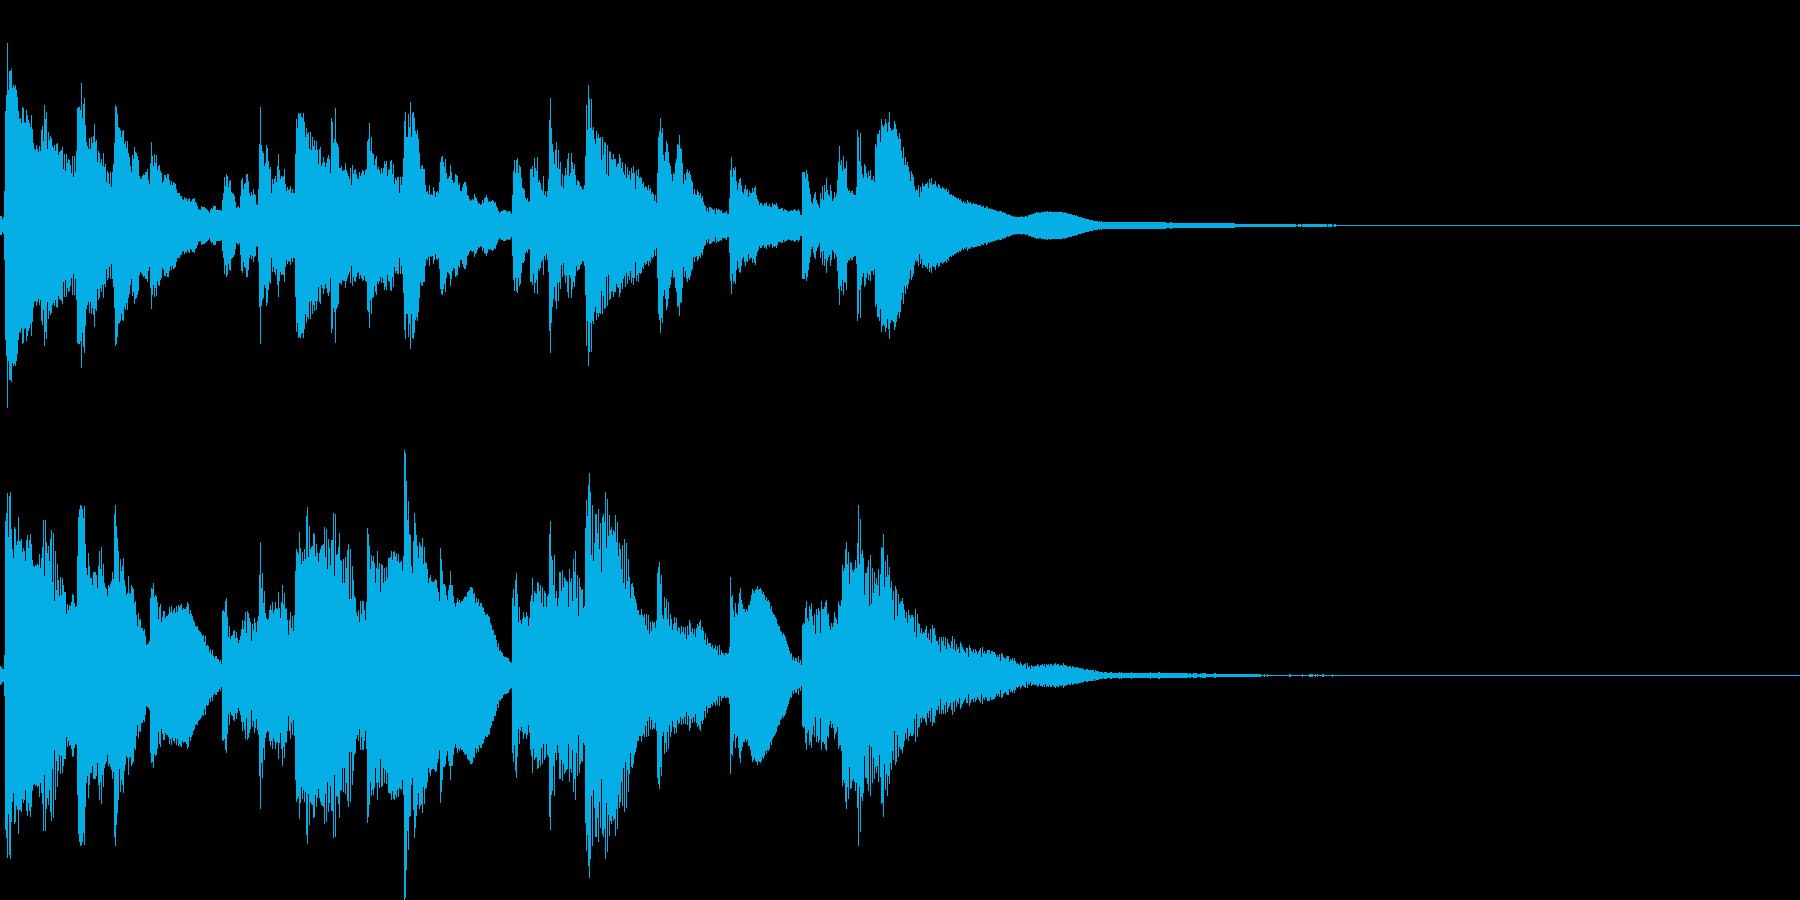 アイキャッチ4 リバーブ有の再生済みの波形